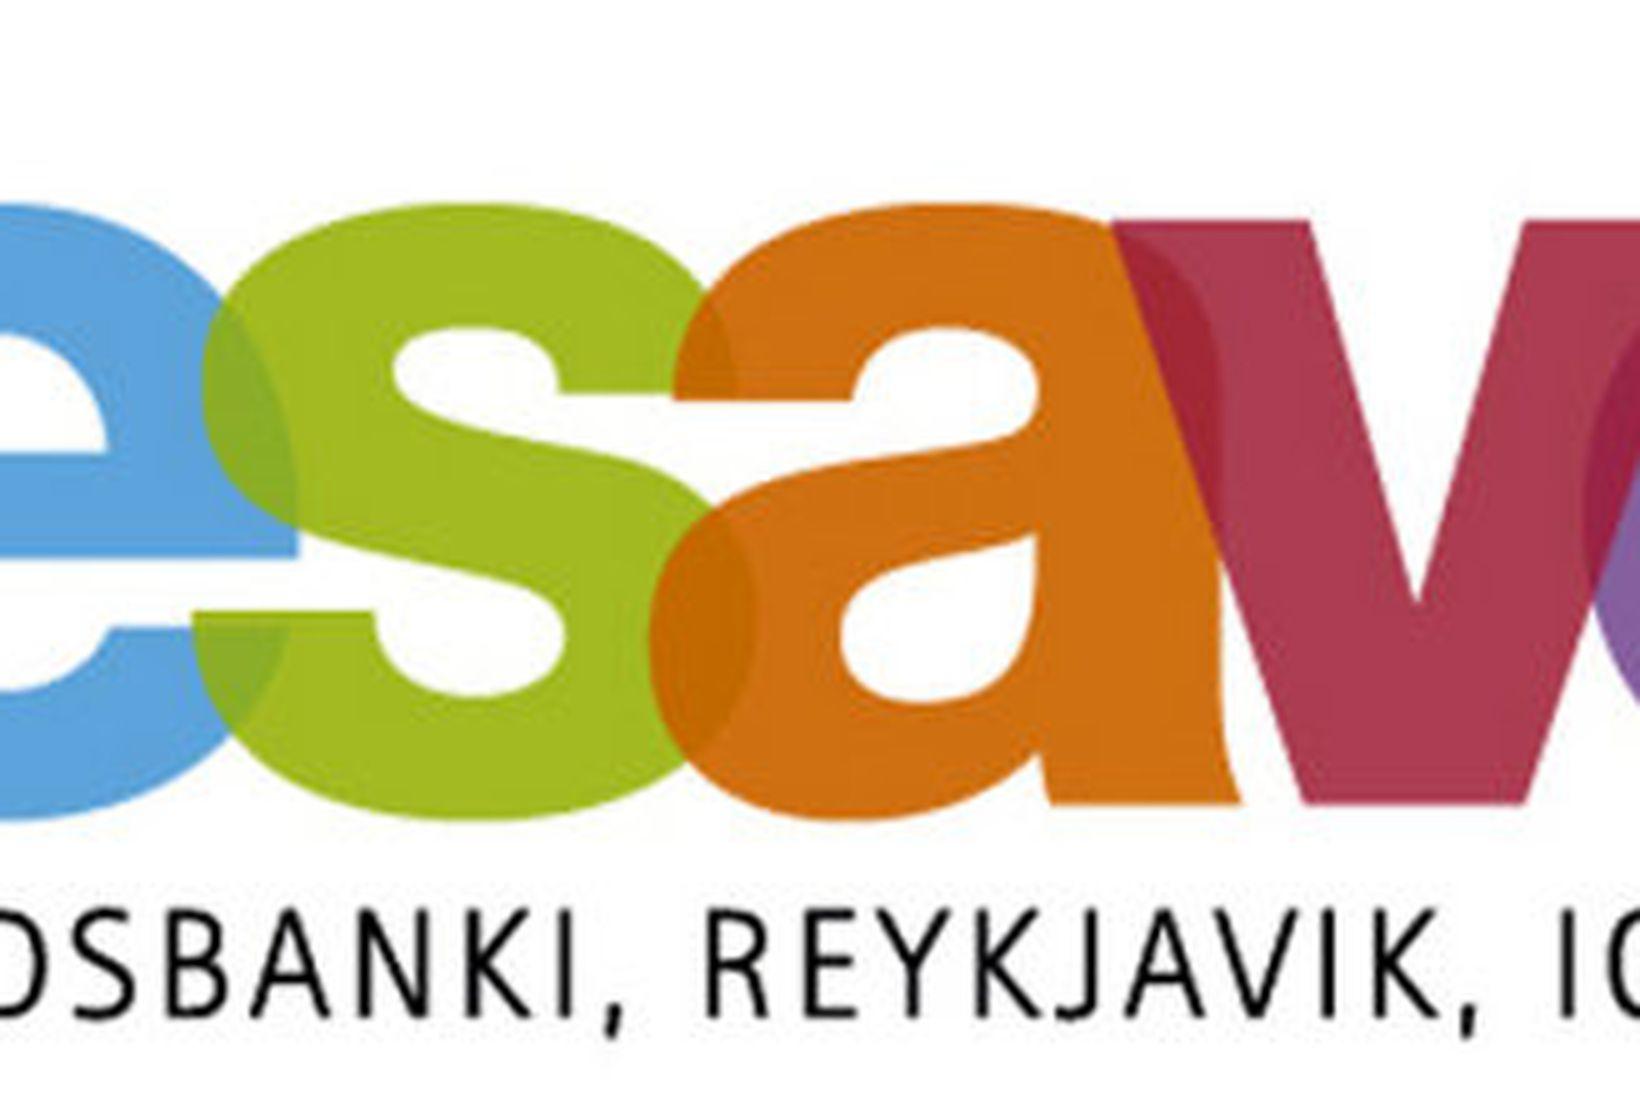 Icesave logo landsbankans